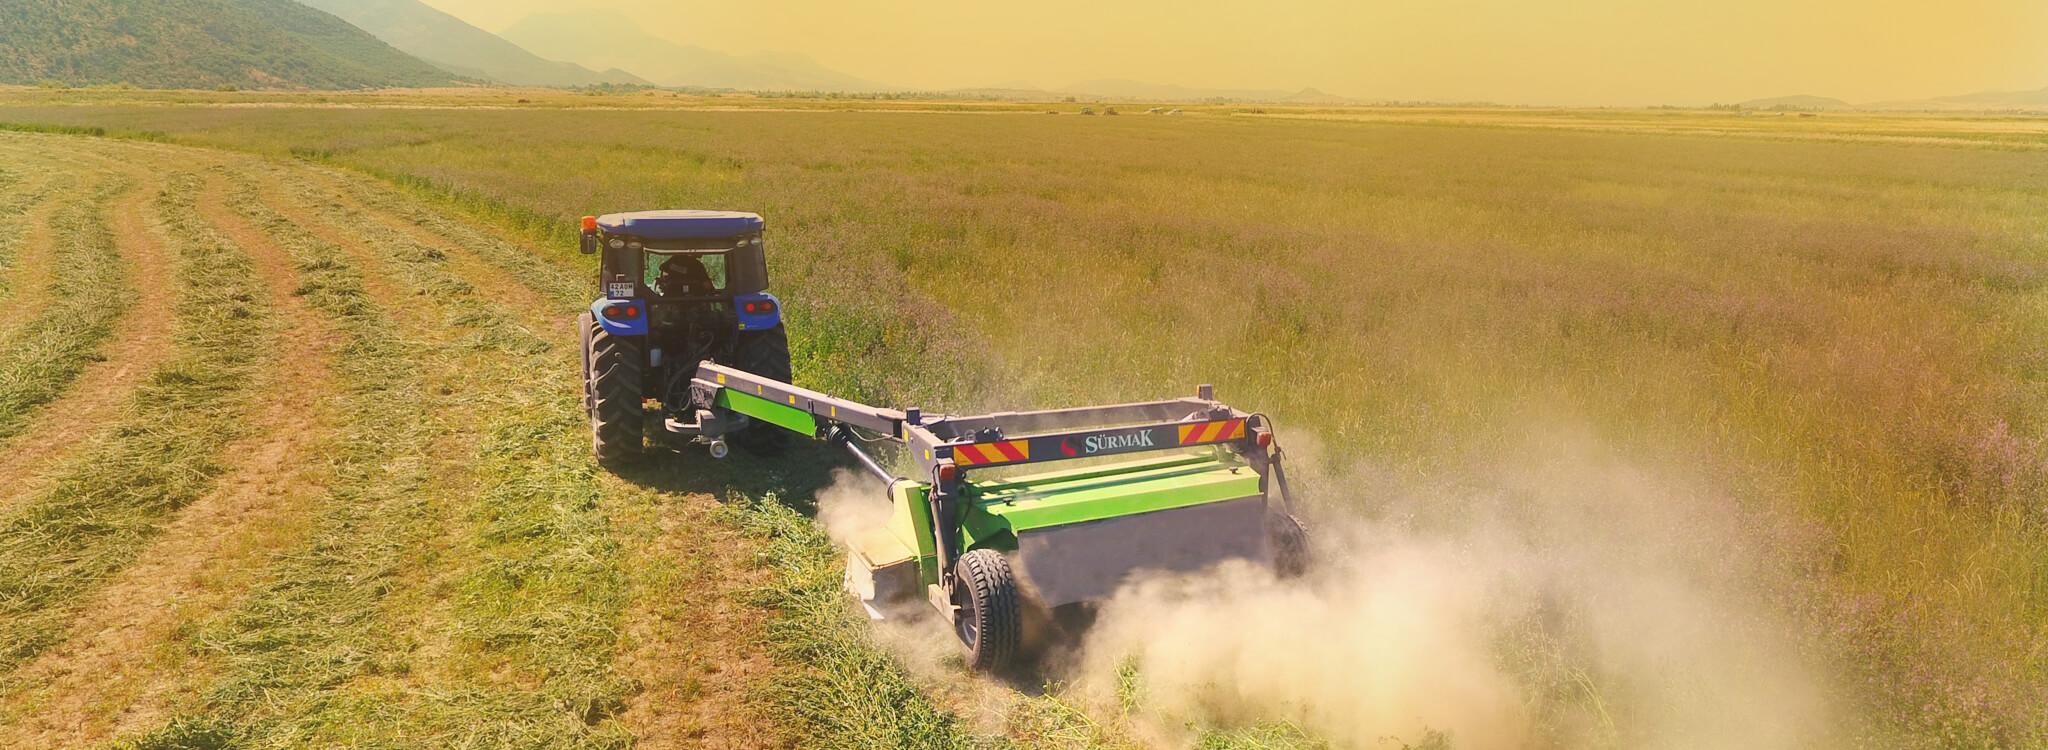 Sizin için-Kaliteli biçim || Sürmak Tarım Makinaları